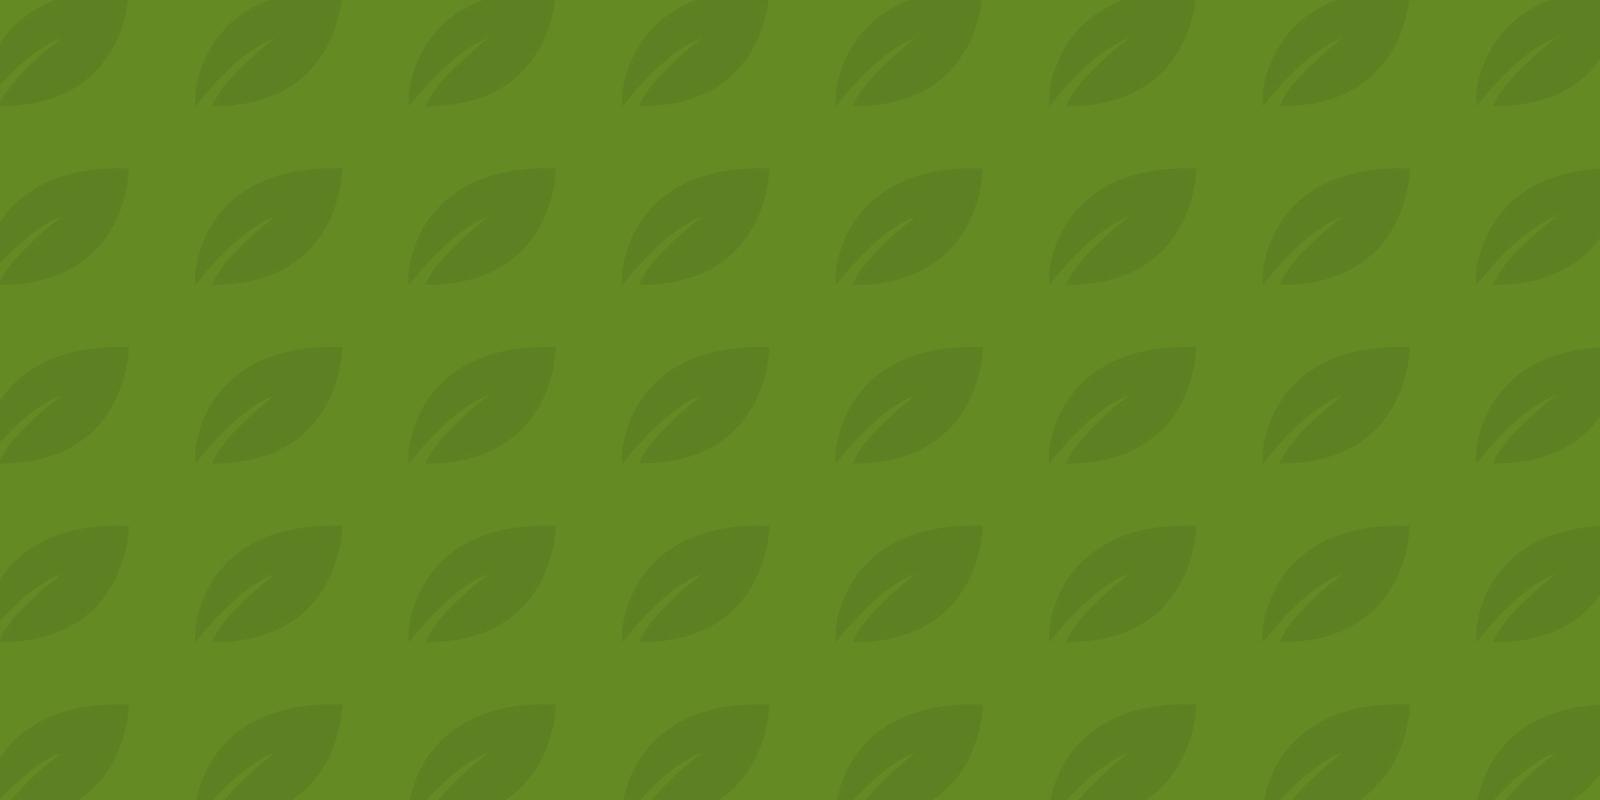 Feuilles-banniere-vert